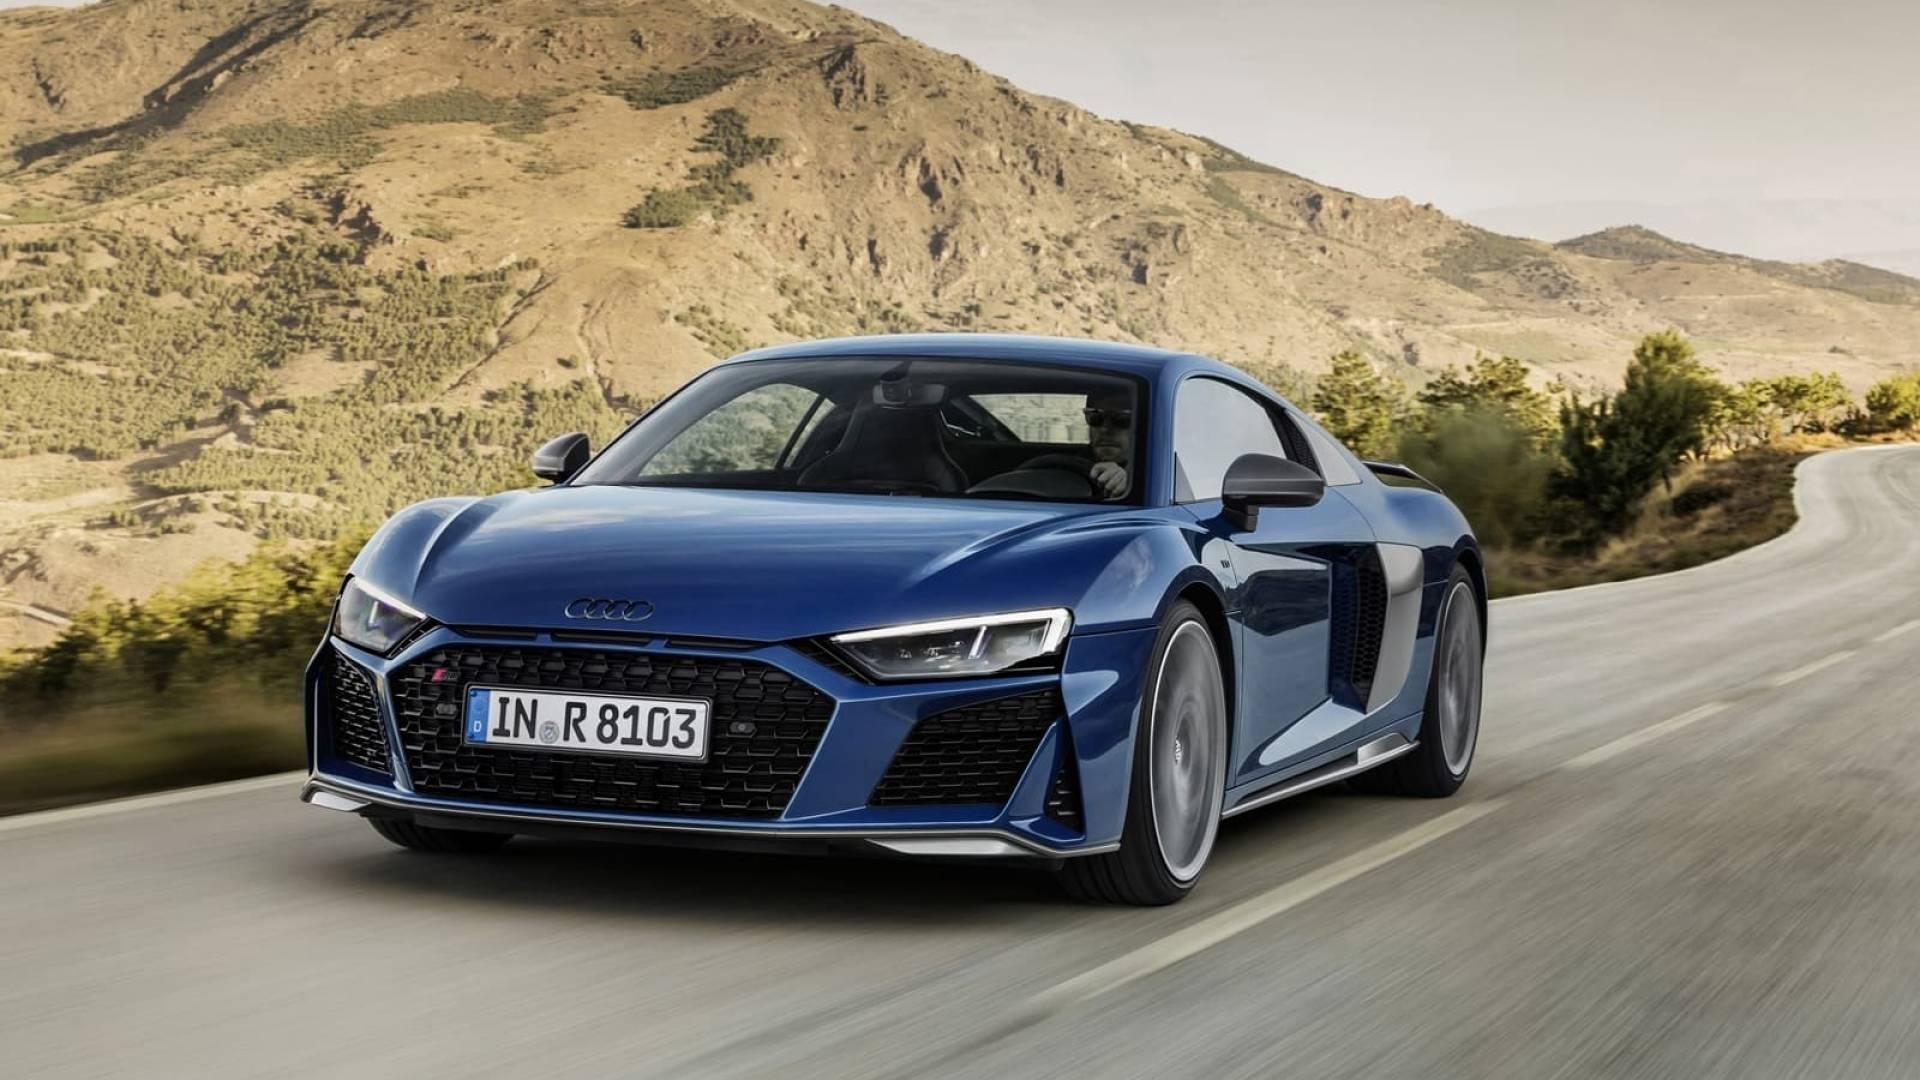 Audi R8 Precios Prueba Ficha Tecnica Fotos Y Noticias Diariomotor